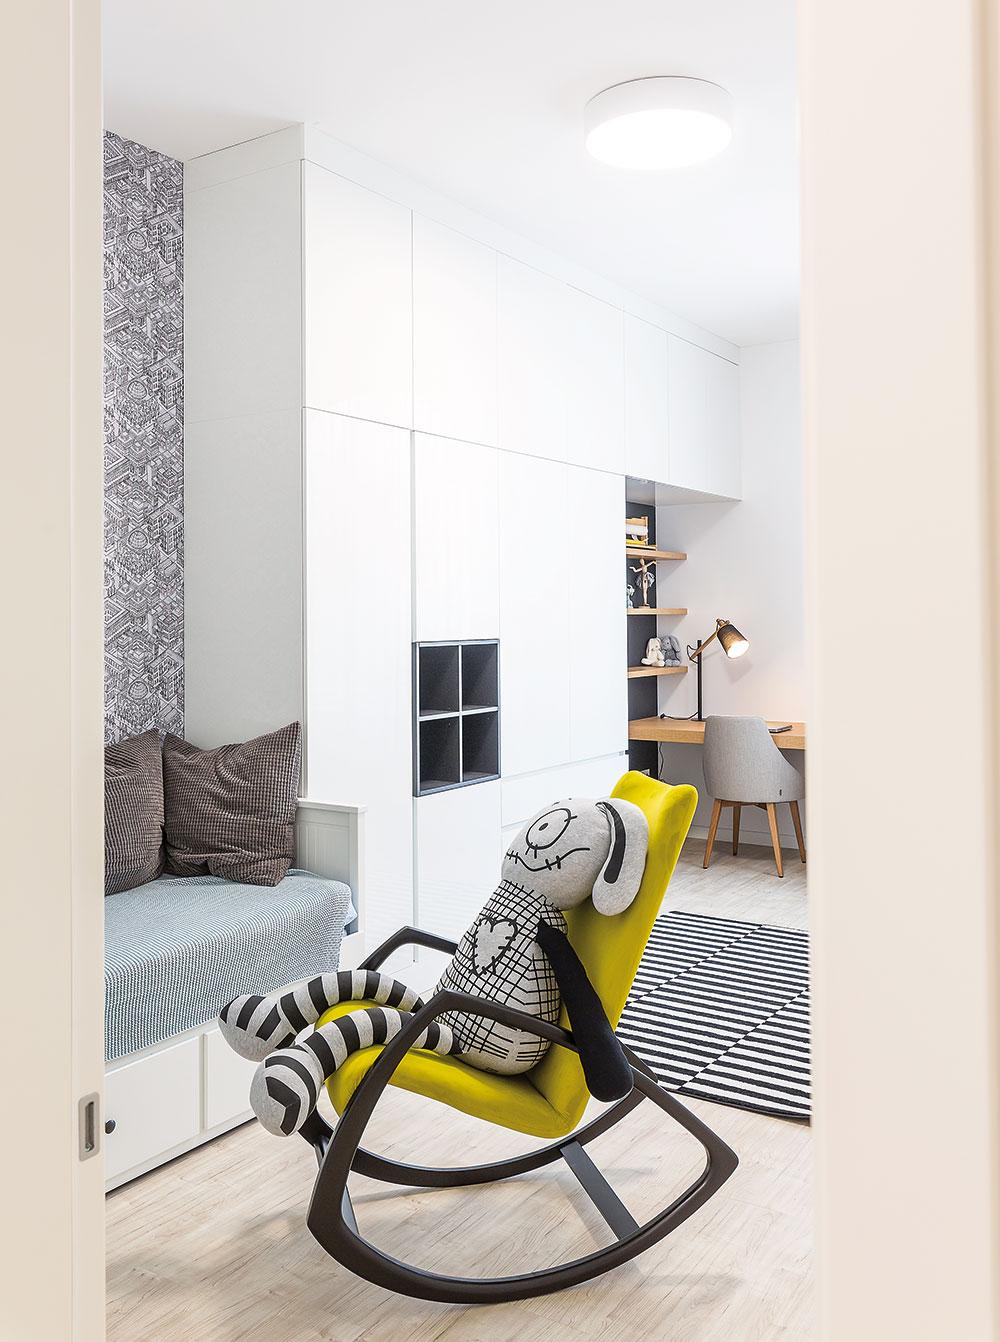 Dva dětské pokoje jsou odlišné stejně jako dívky ajejich záliby – při navrhování architekti respektovali jejich požadavky. Vlastní pokoje pro dospívající dcery patřily kdůvodům, proč potřebovala rodina větší byt. FOTO MIRO POCHYBA